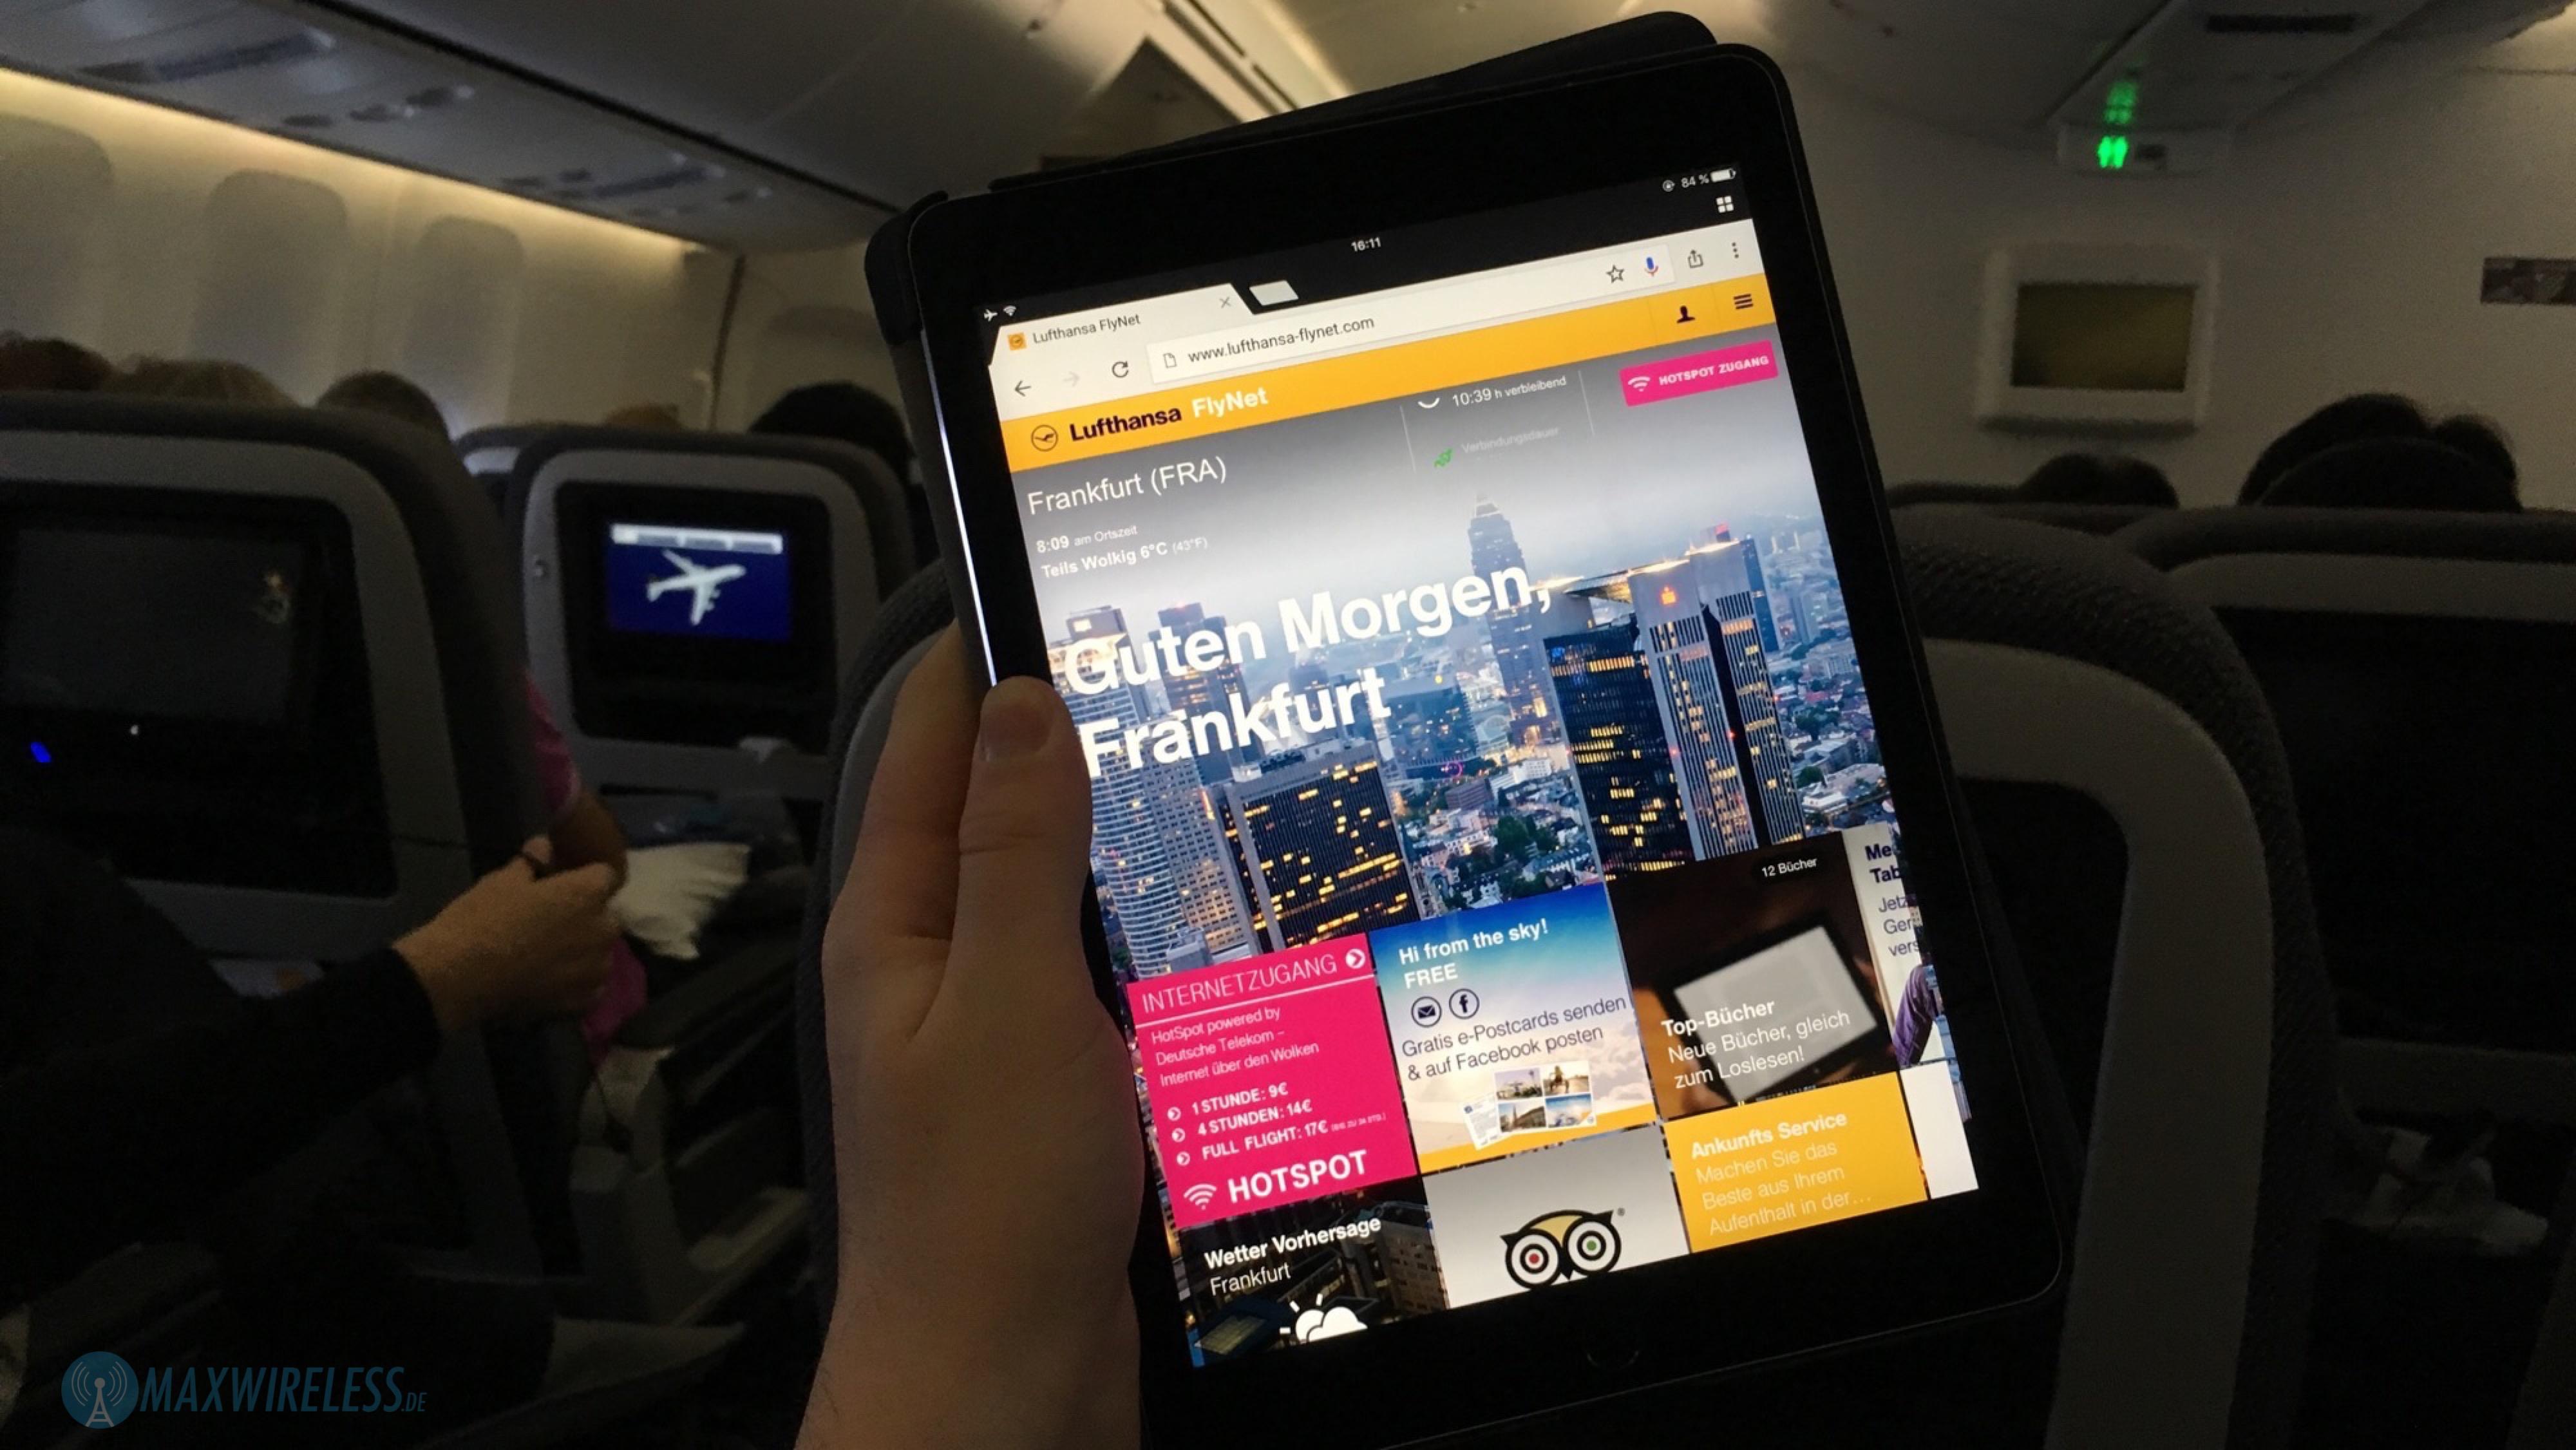 Erfahrungen Mit Lufthansa Flynet Im November 2016 Maxwirelessde